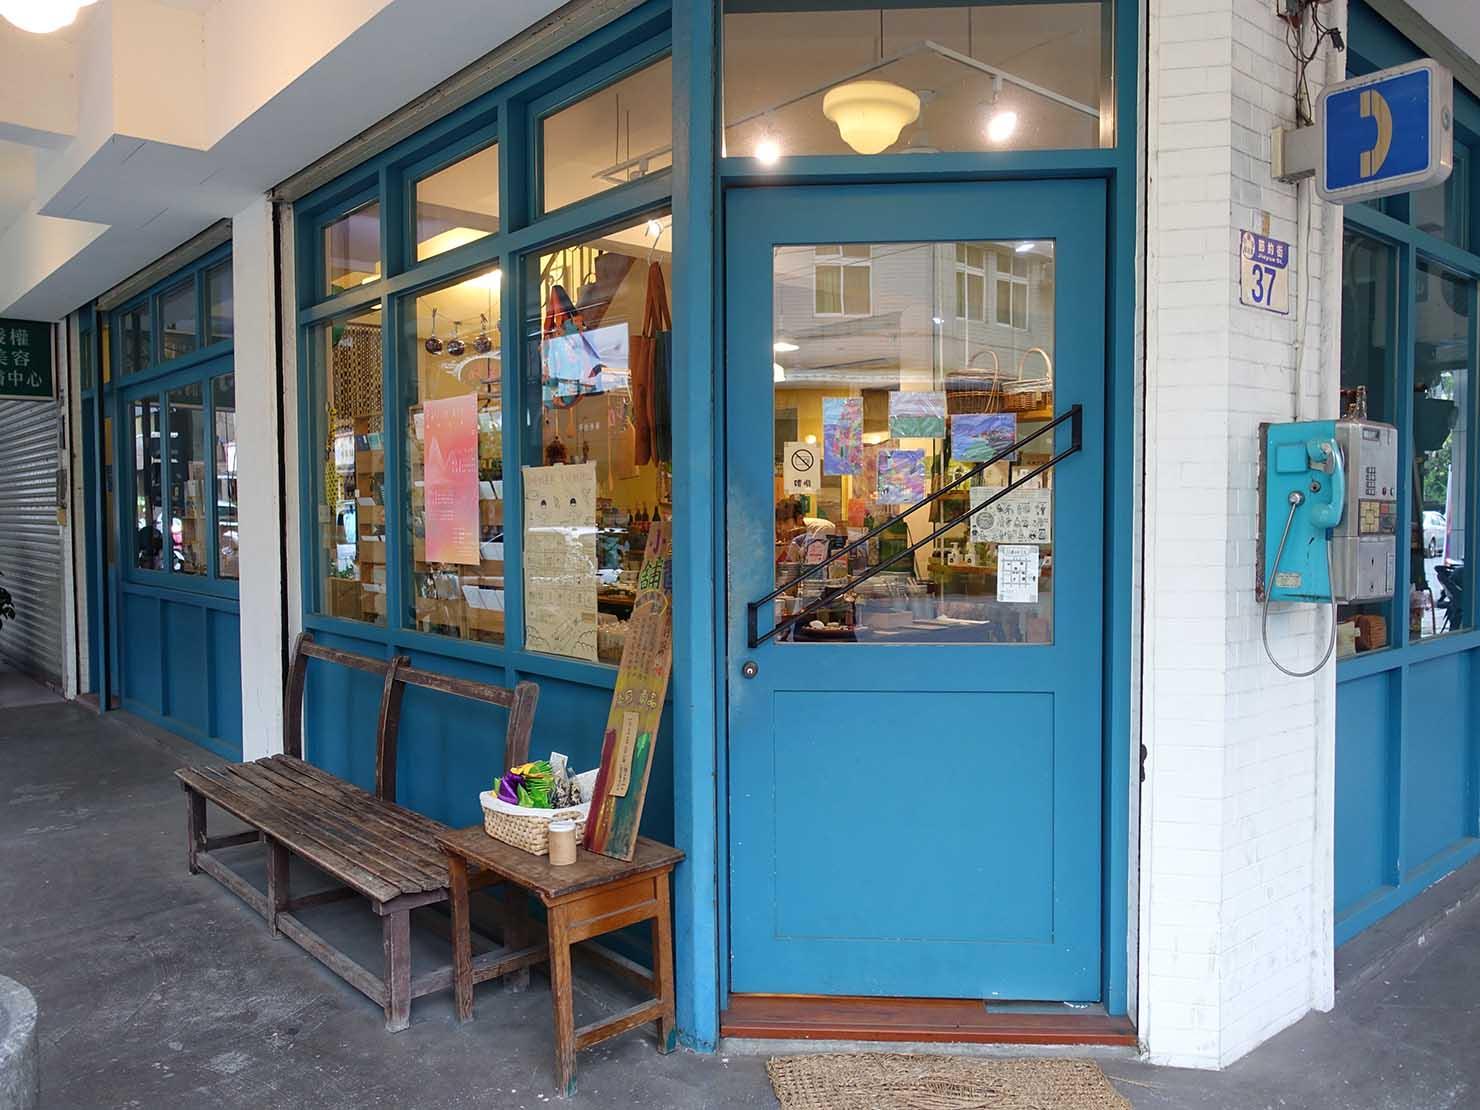 花蓮市街中心部のレトロかわいいおすすめゲストハウス「花蓮日日 Hualien dairy」のエントランス